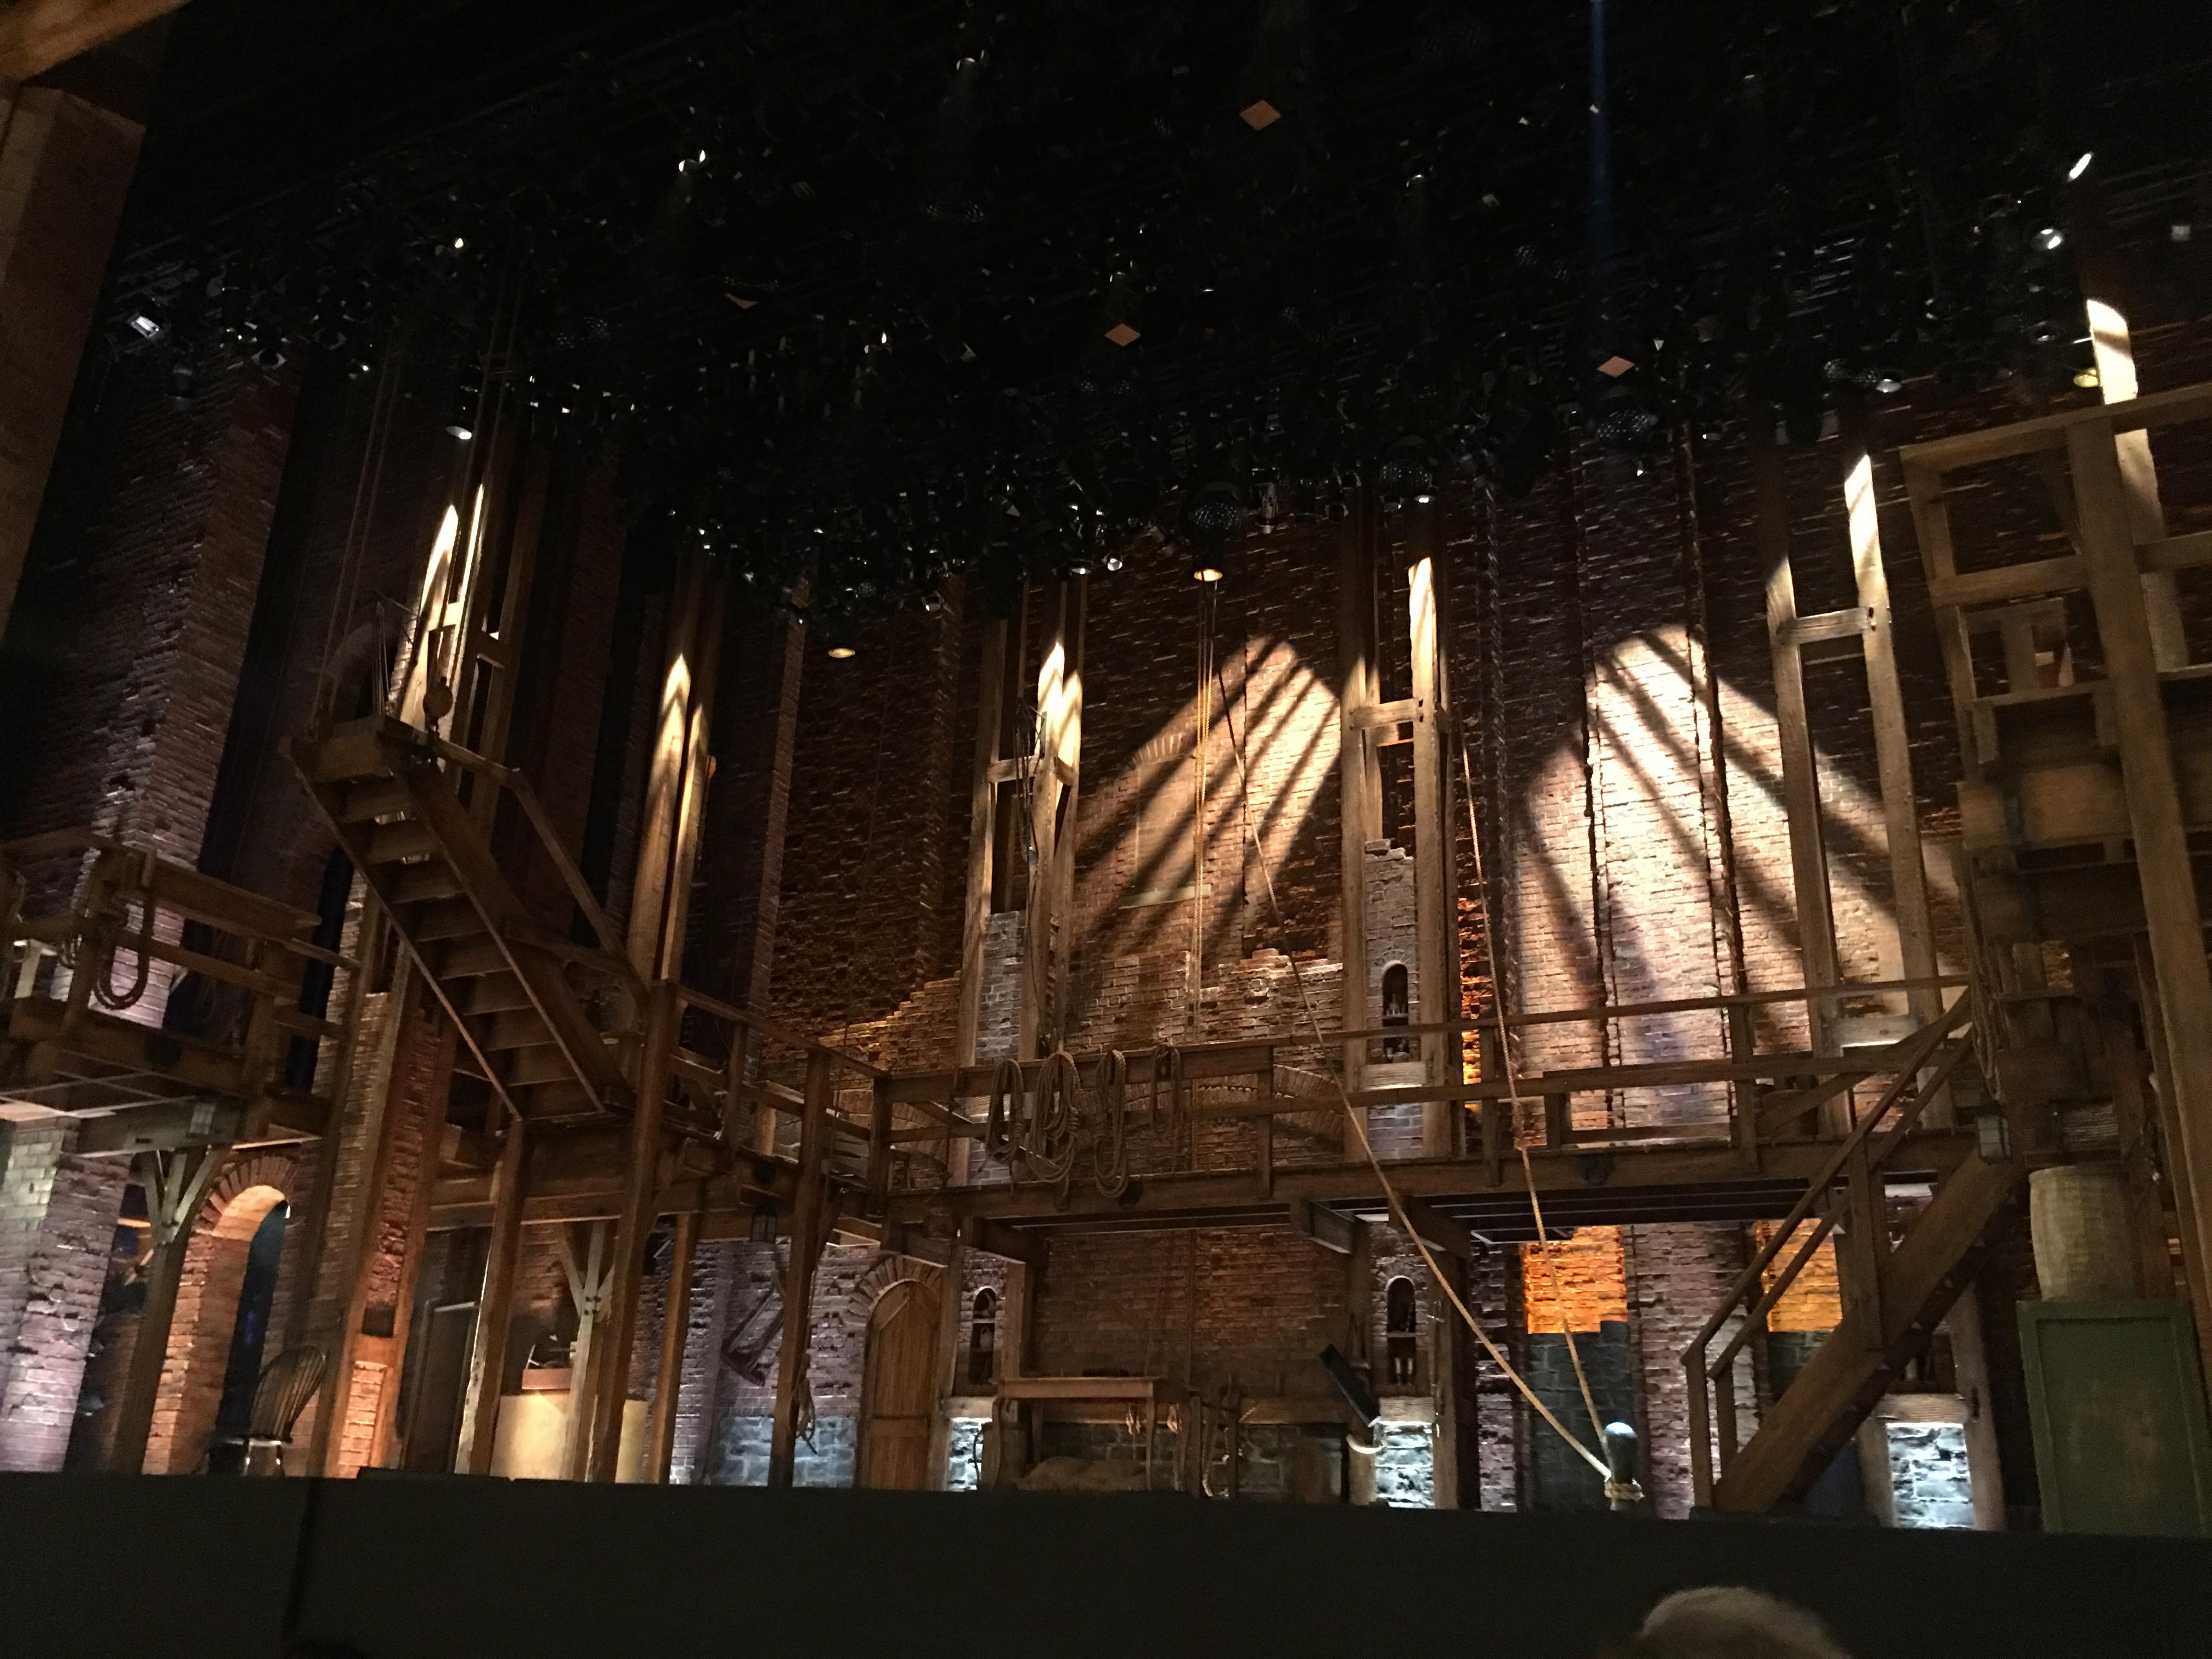 CIBC Theatre Section Orchestra R Row E Seat 2